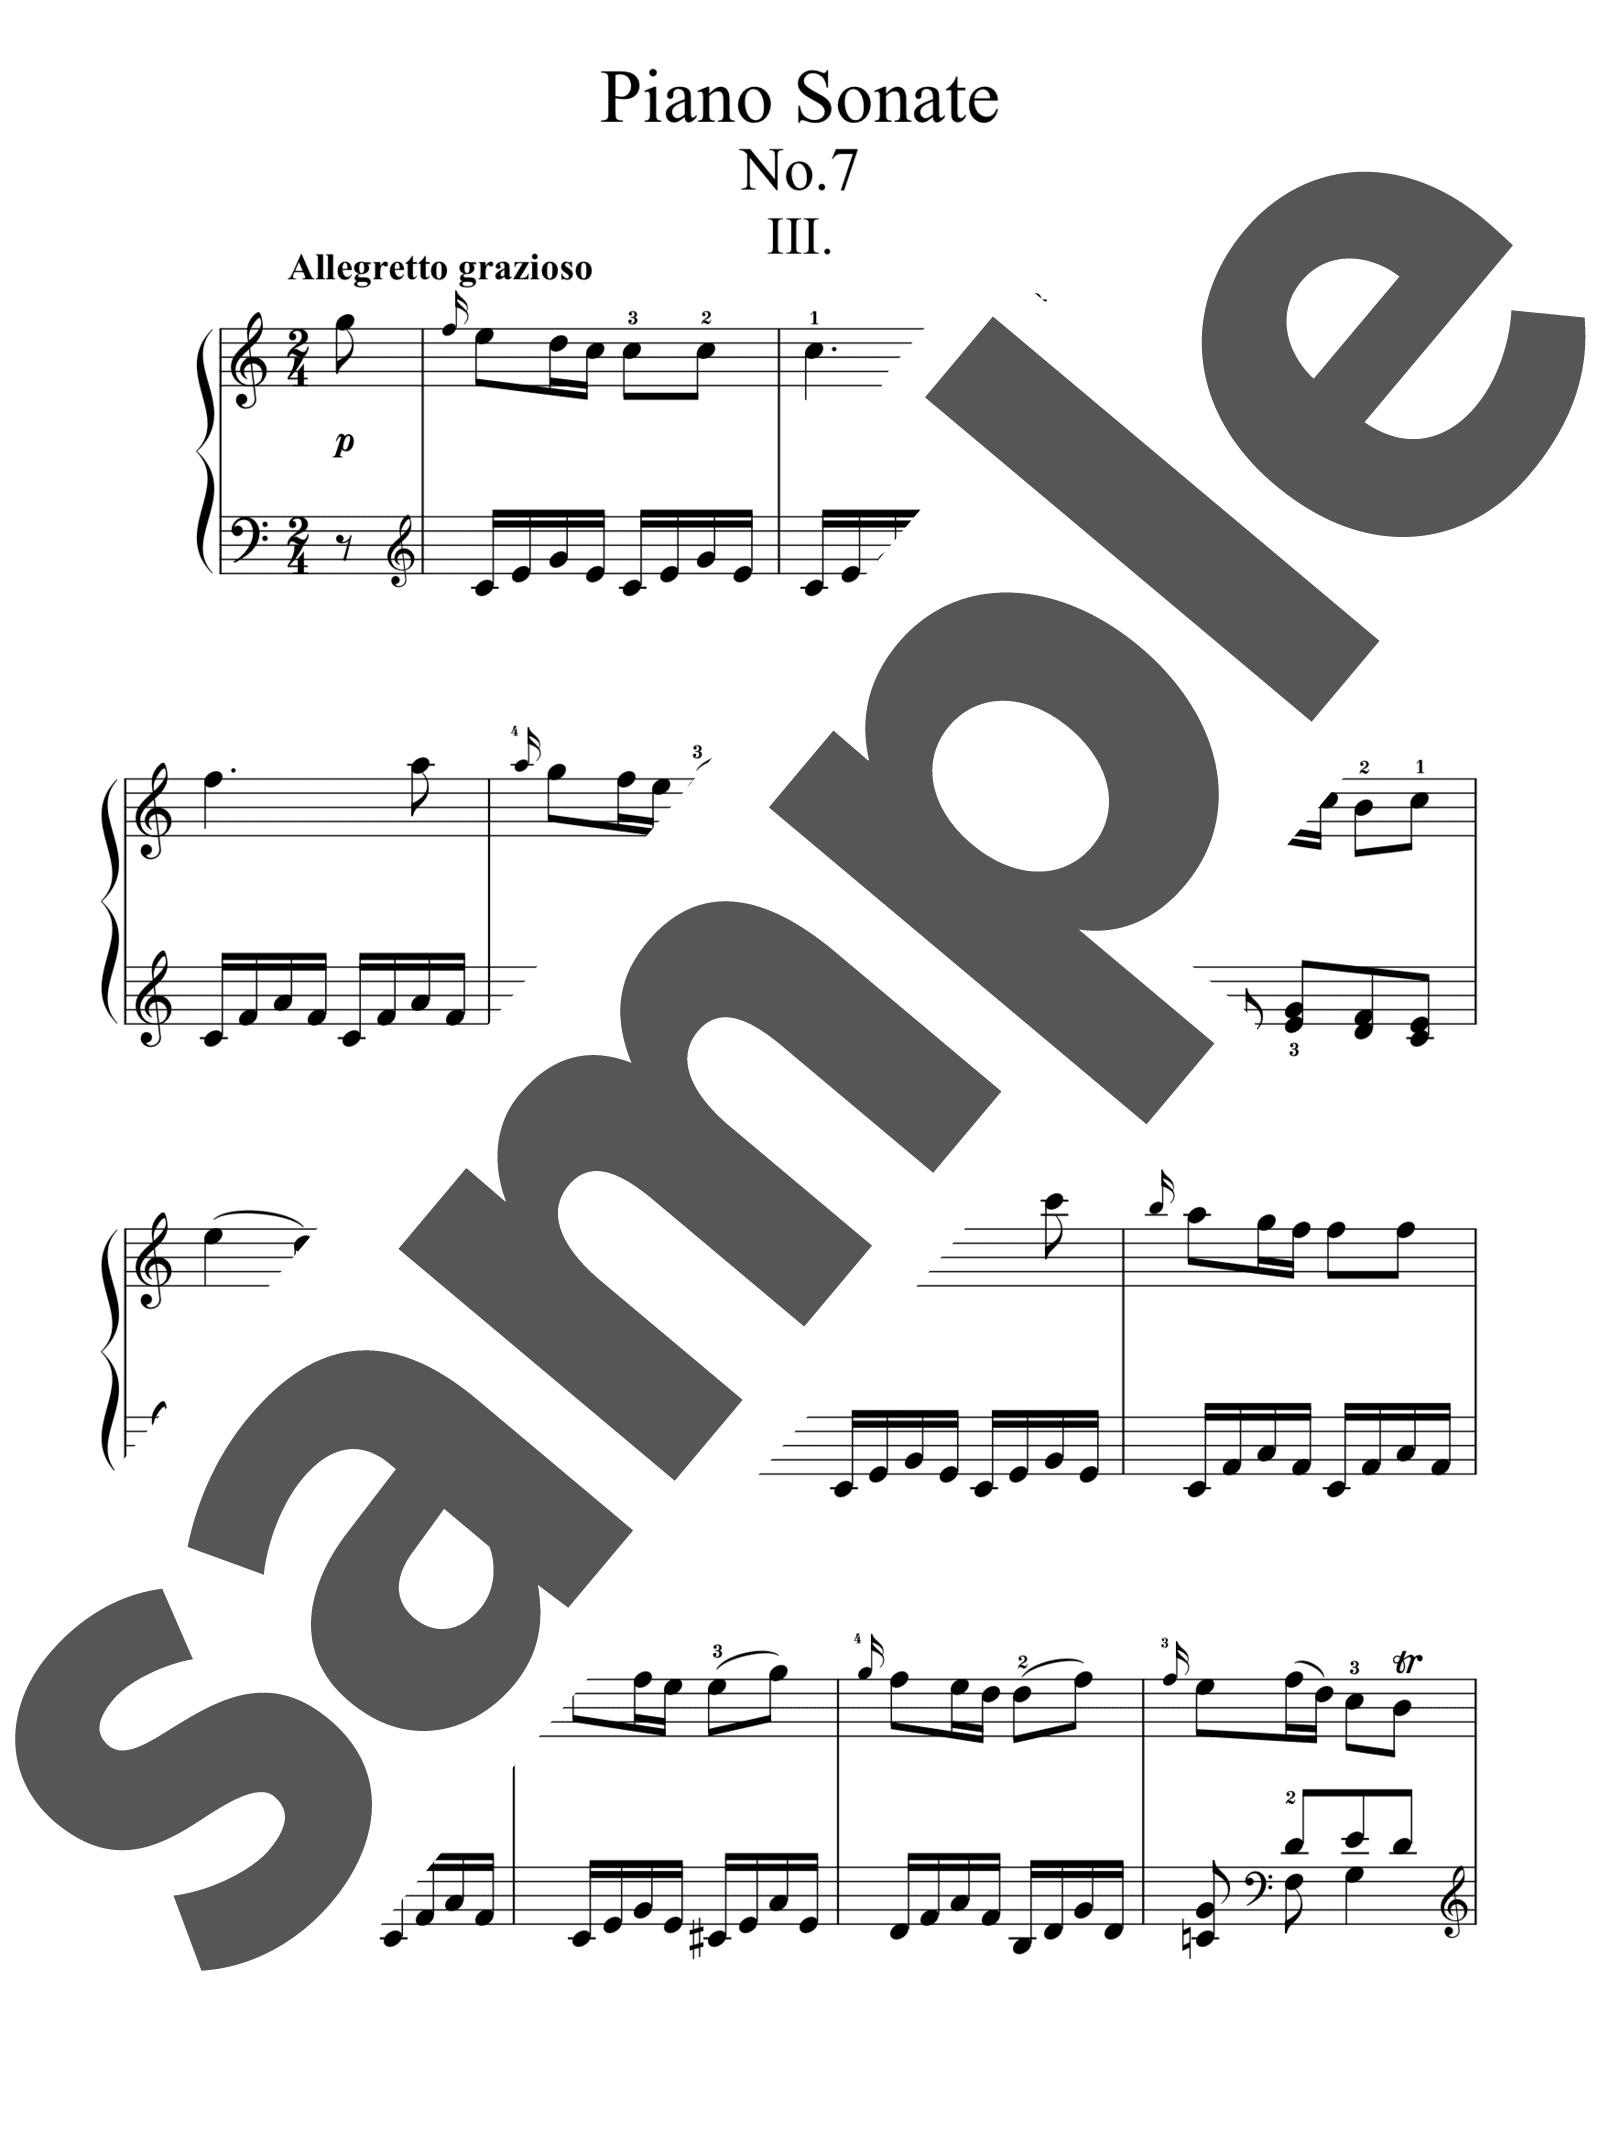 「ピアノ・ソナタ 第7番 ハ長調 III」のサンプル楽譜